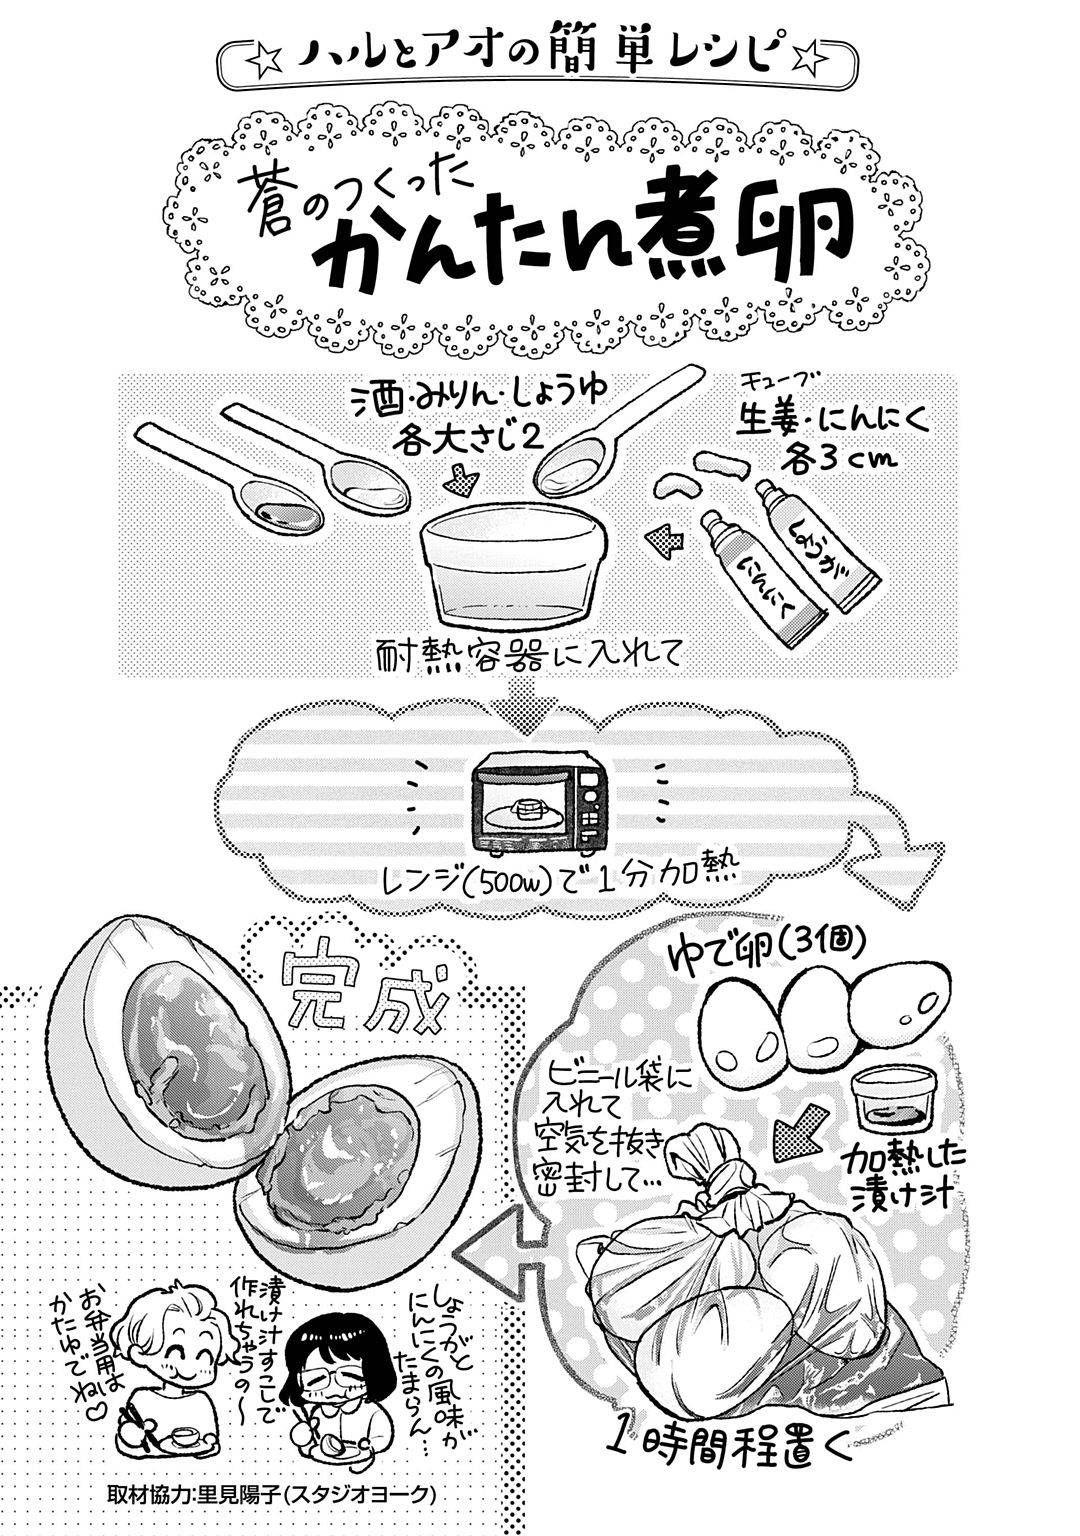 の 箱 お アオ 弁当 と ハル